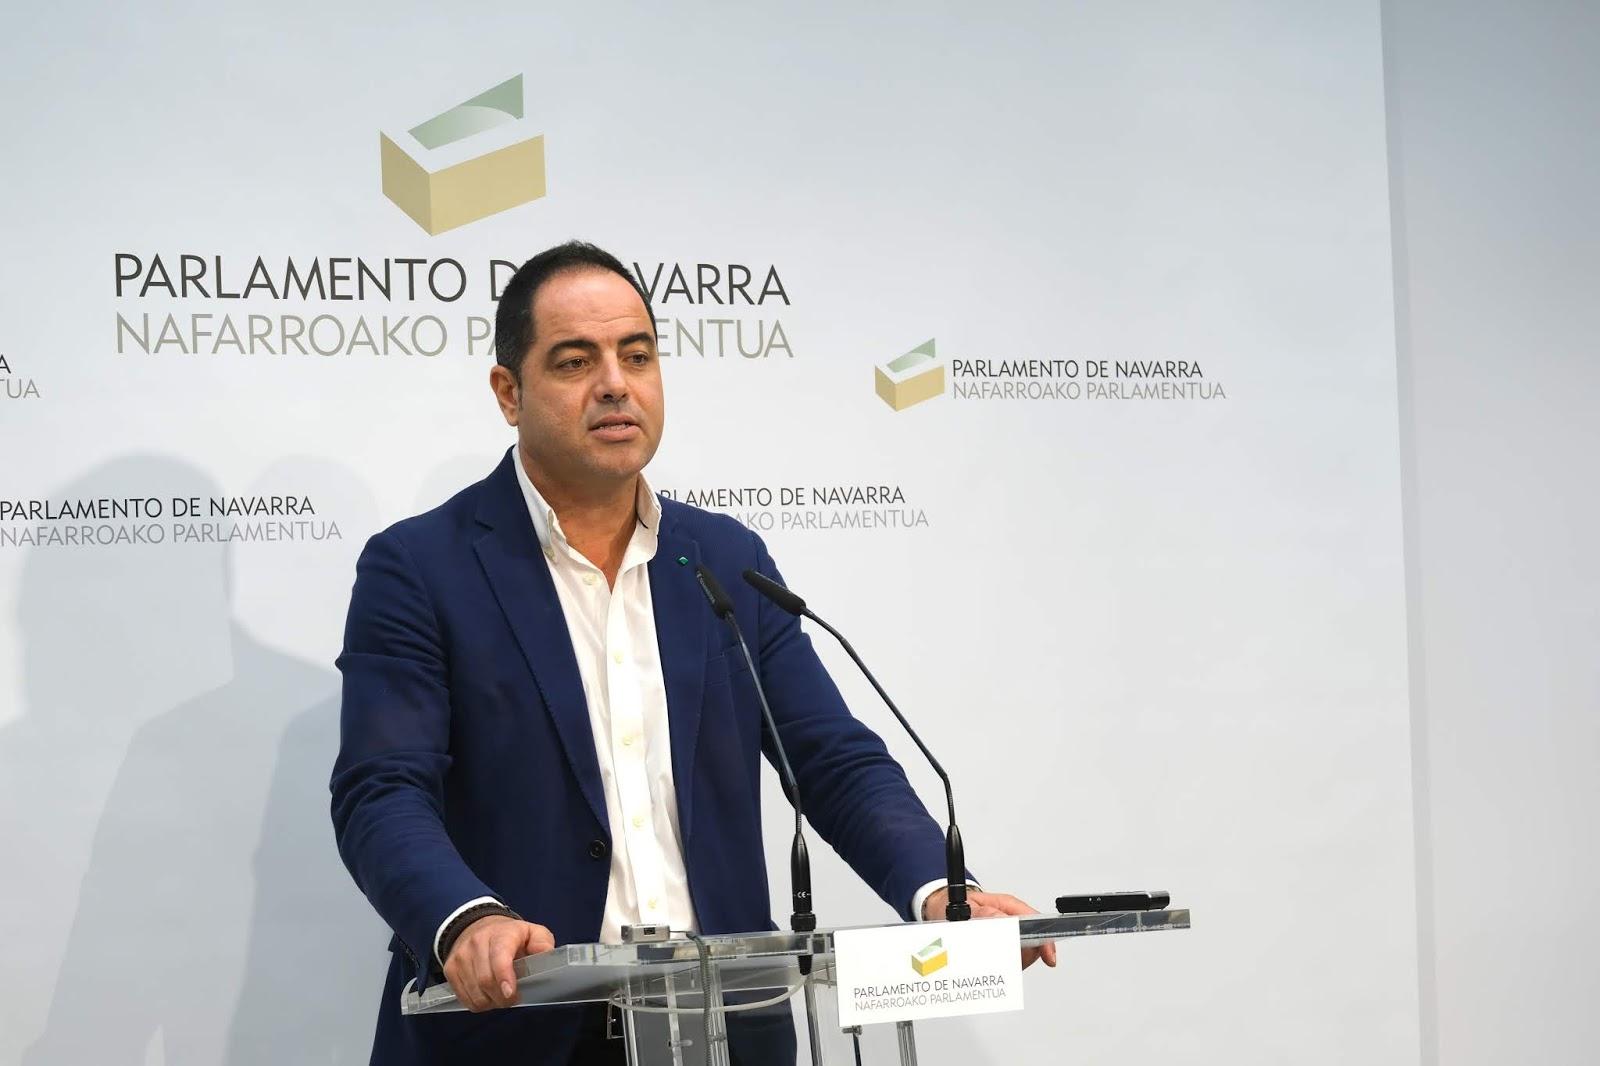 La apertura a la negociación del Gobierno de Navarra permitirá aprobar medidas fiscales que beneficien a la ciudadanía